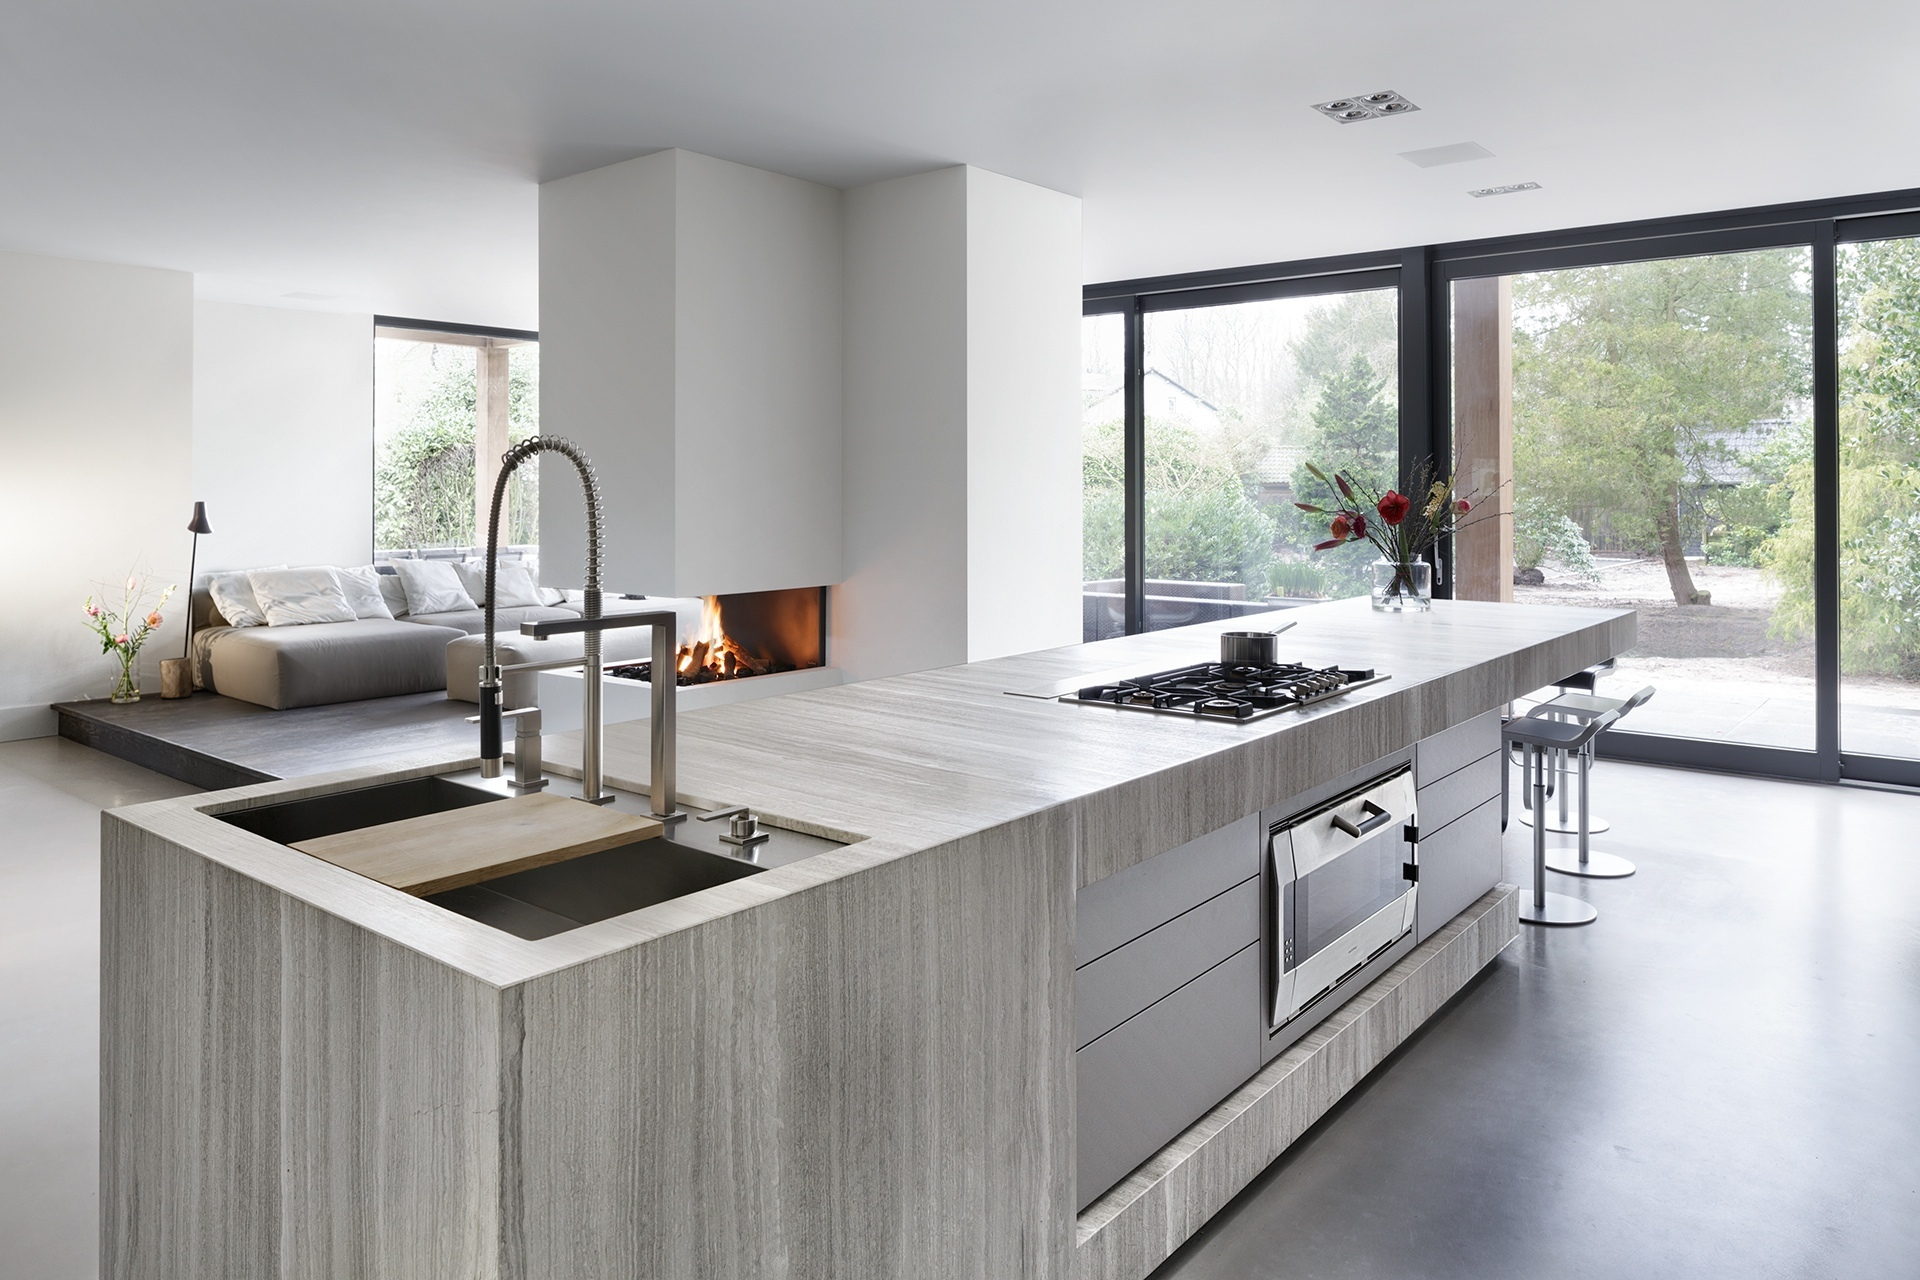 Designkeukens op topniveau bij nieuw interieurplatform de elementen nieuws startpagina voor - Onderwerp deco design keuken ...